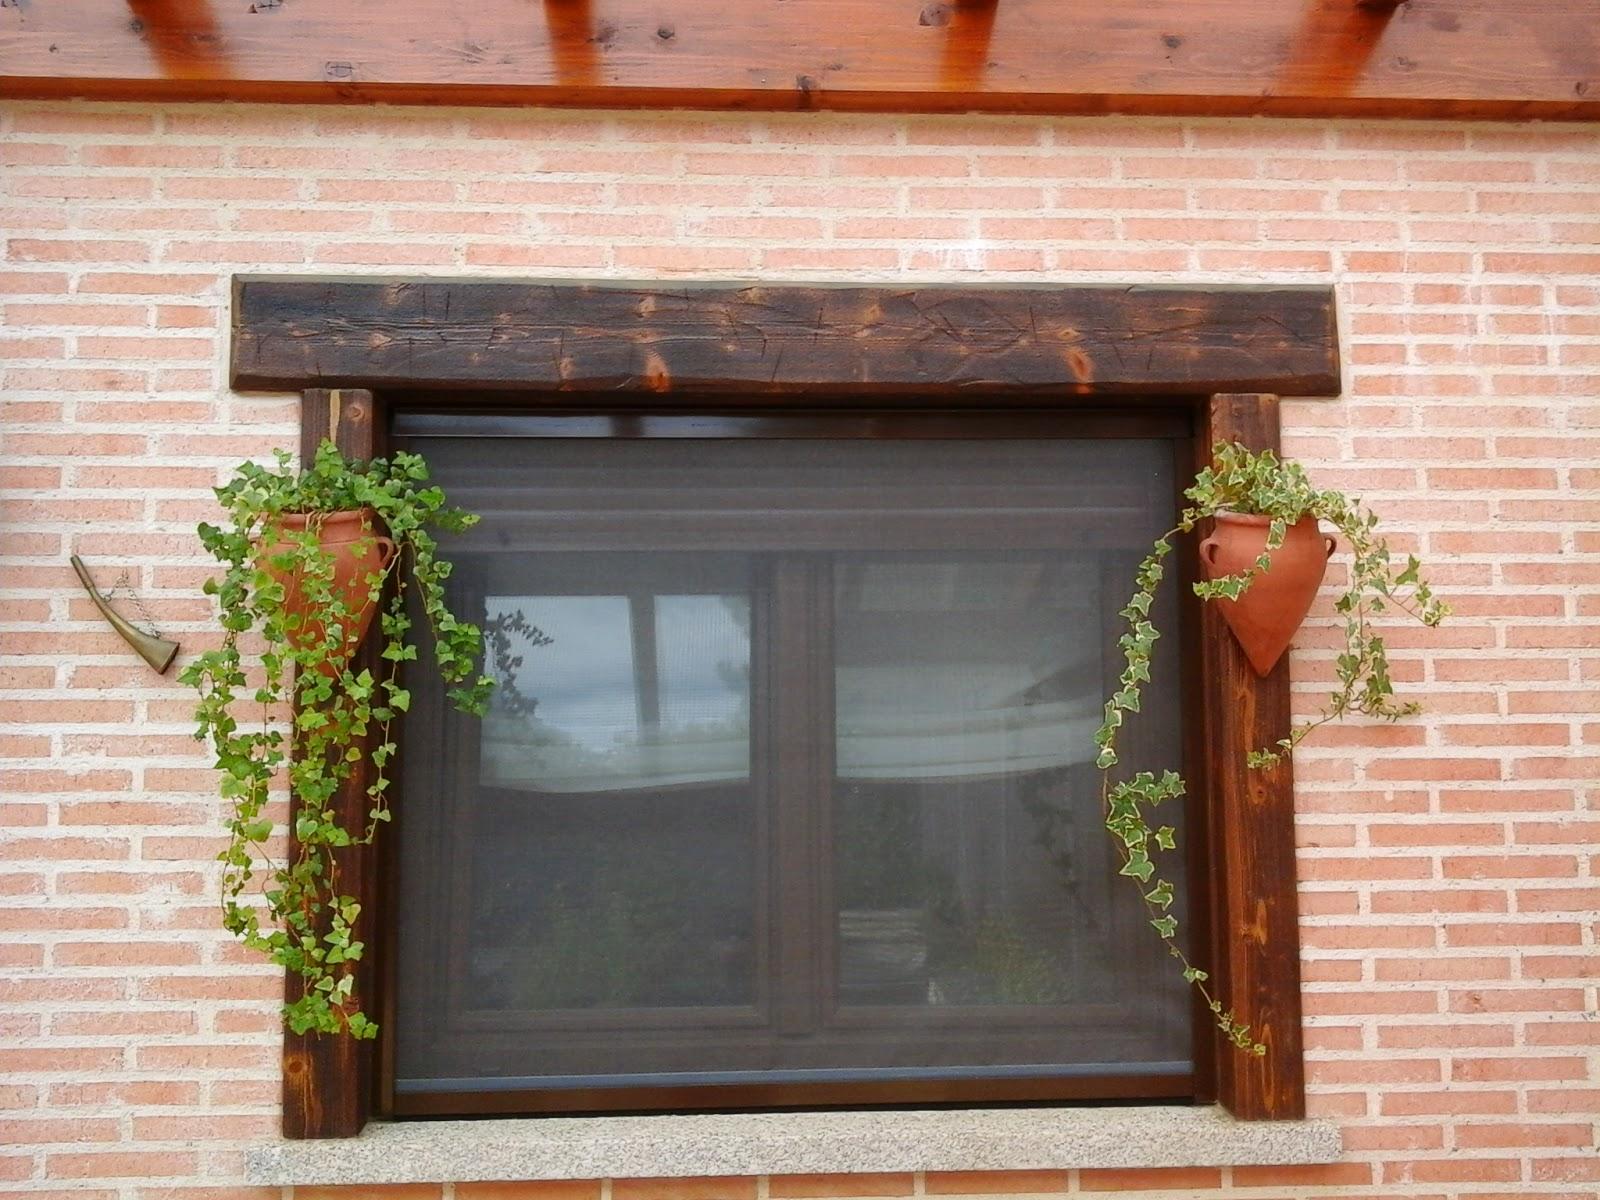 Dintel ventana fotos gratis madera ventana edificio arco for Dintel de madera